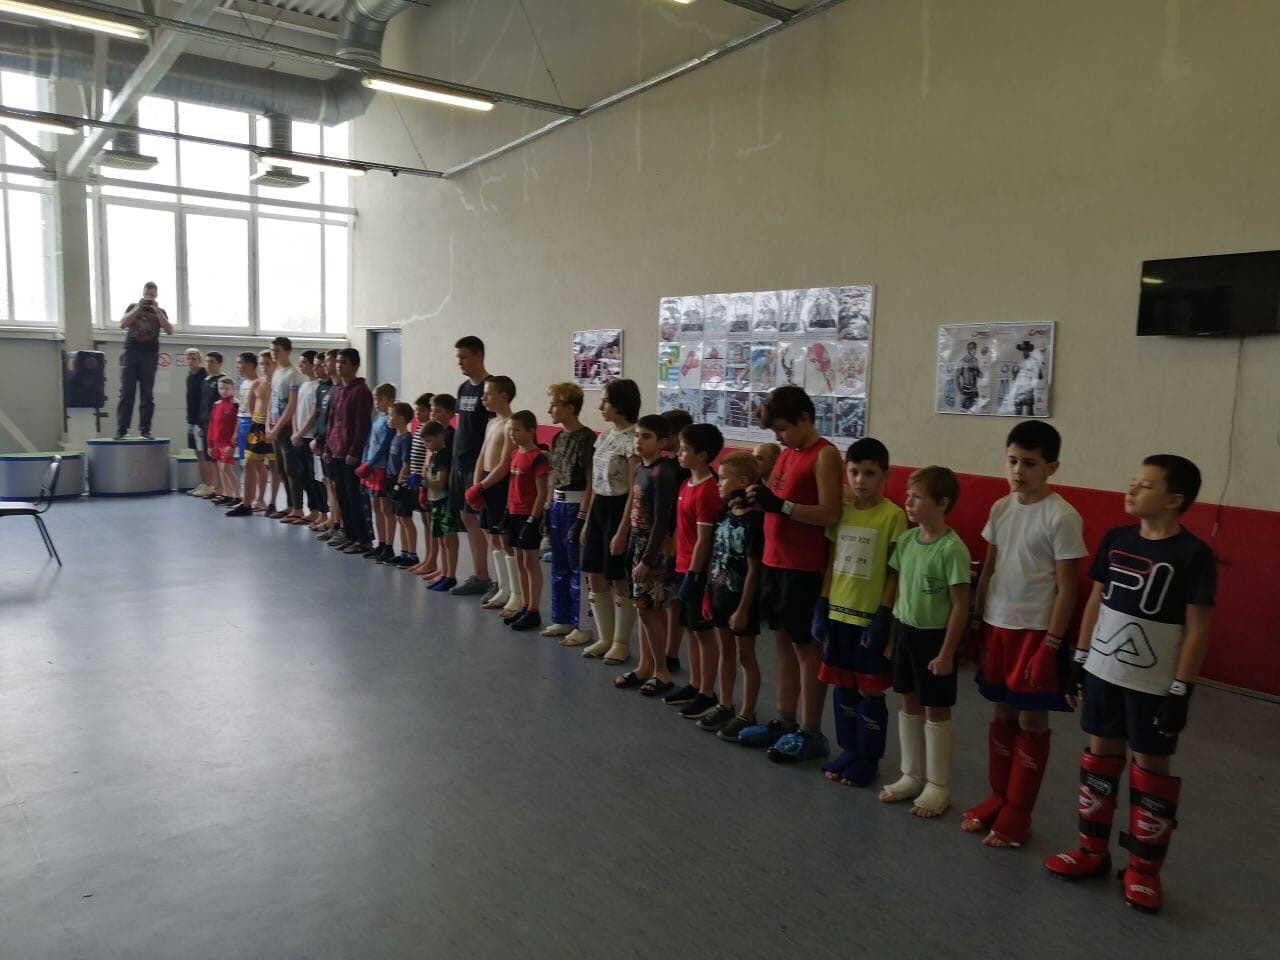 19 сентября на базе МУ «СЦ им. А.Гринина» прошёл Турнир по кикбоксингу среди юношей в городском округе Озеры.